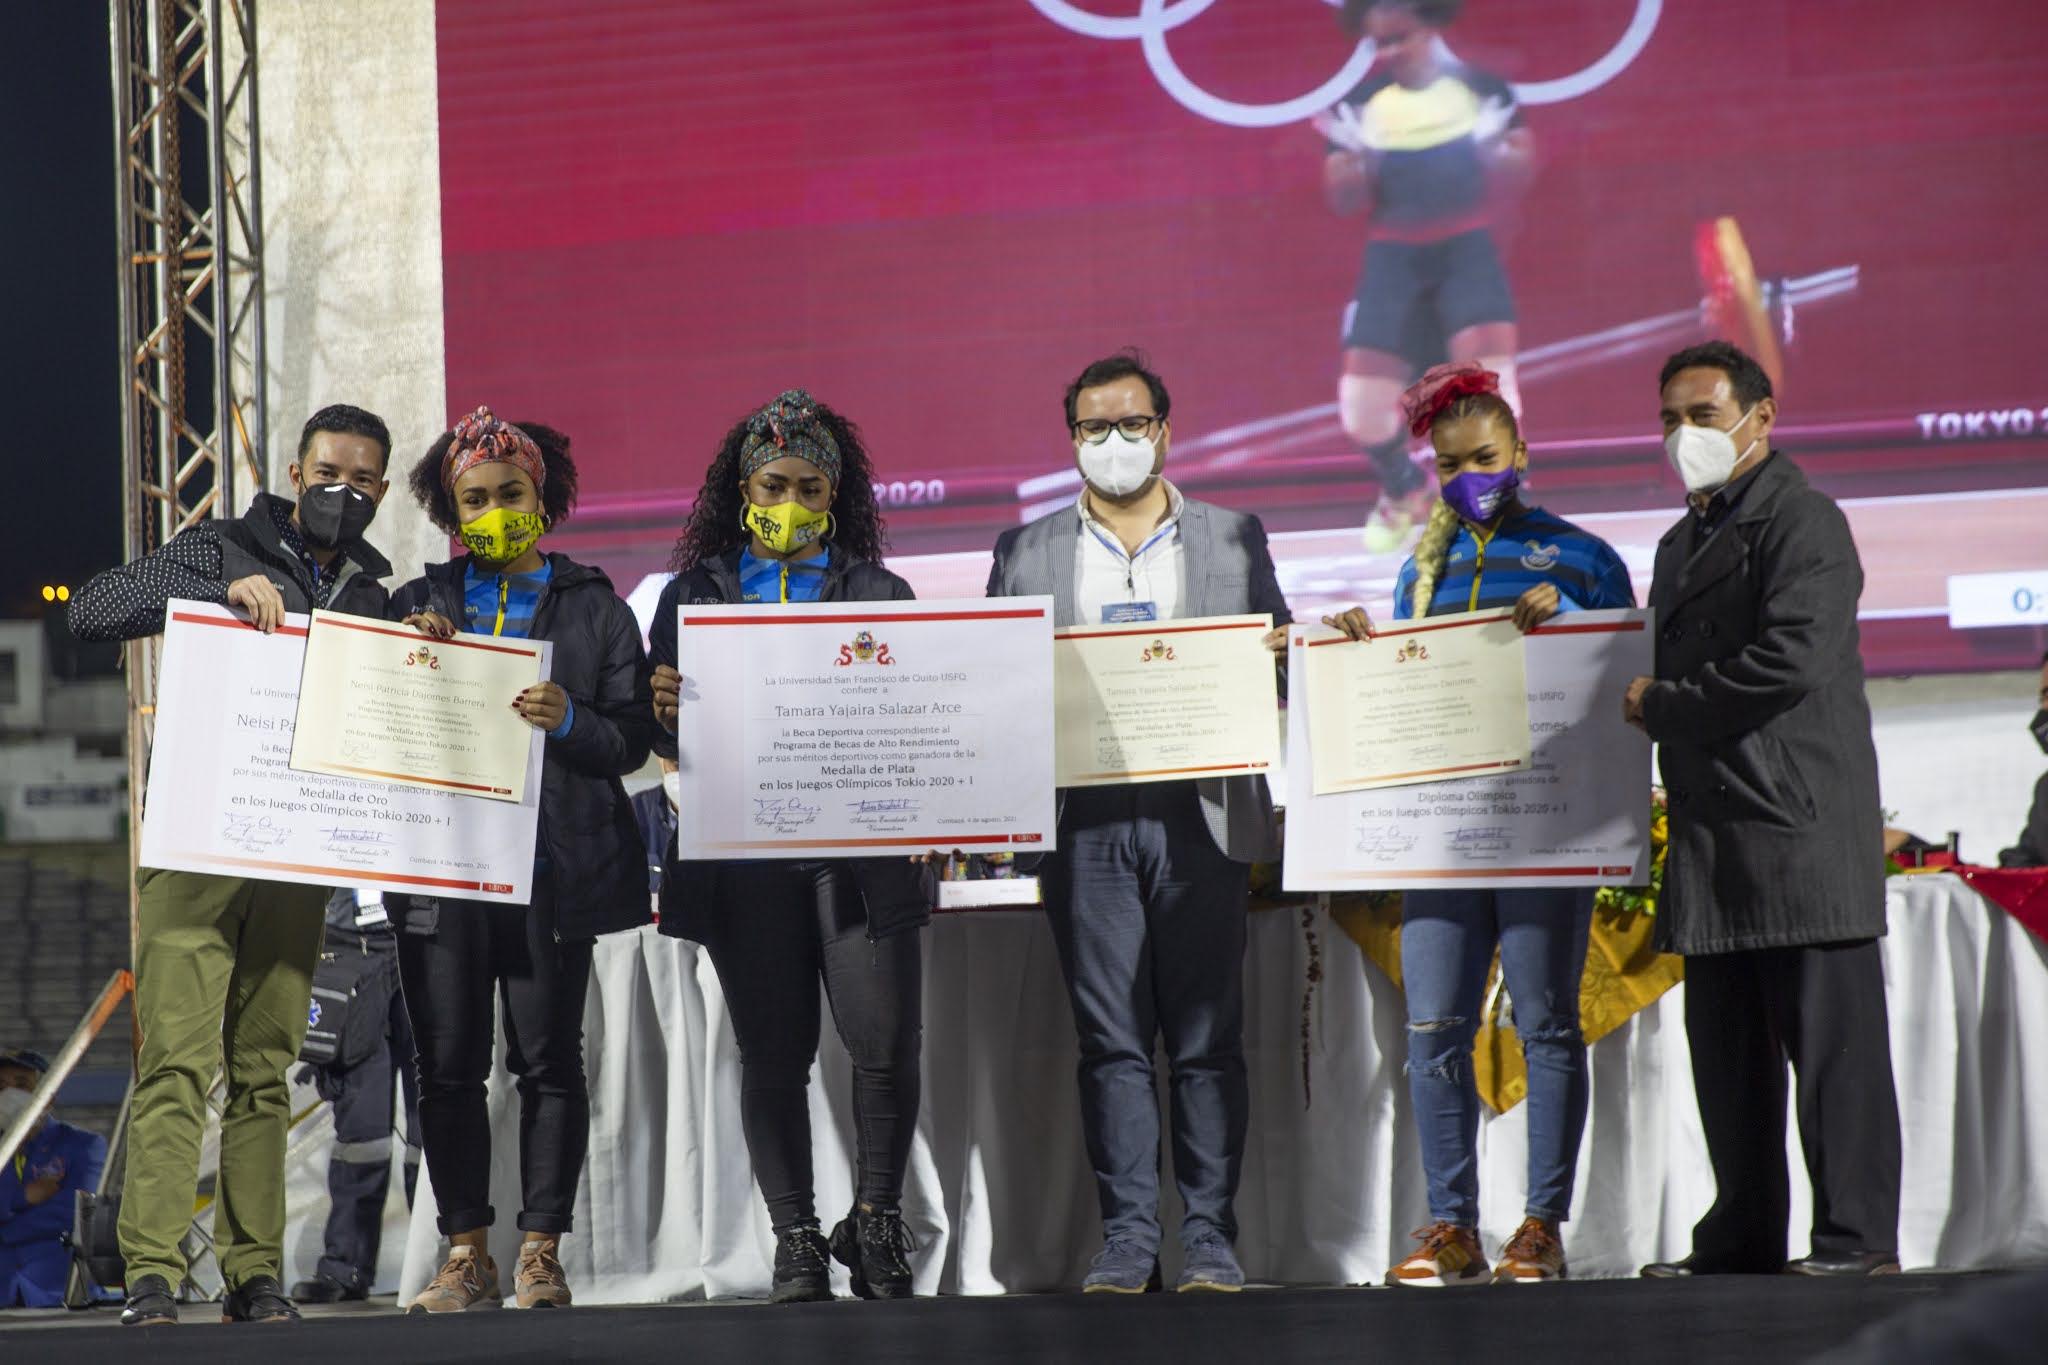 La Universidad San Francisco de Quito entrega becas de estudios a deportistas olímpicas ecuatorianas